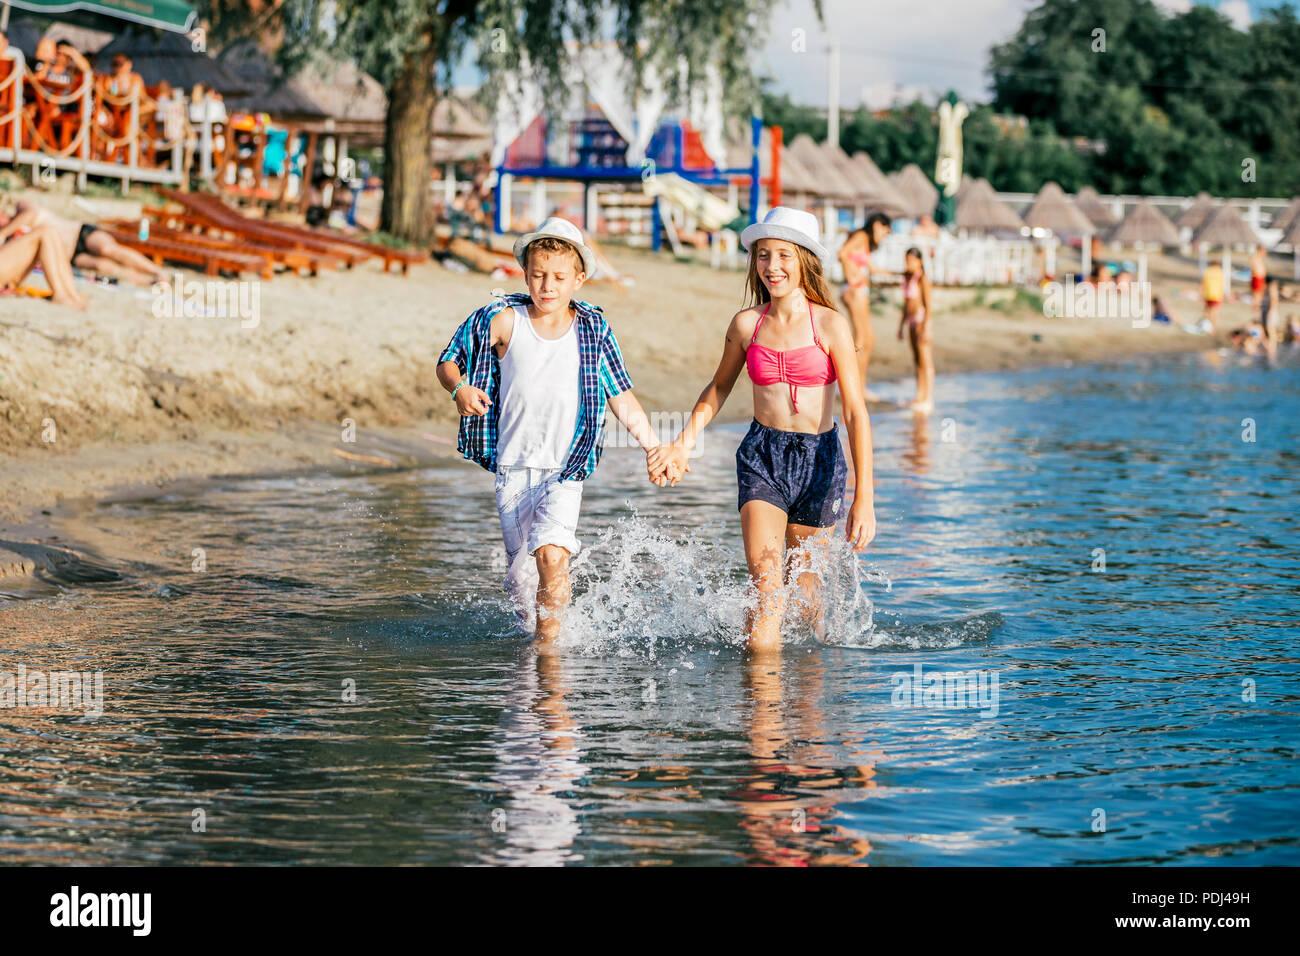 Des enfants heureux de jouer dans la mer. Les enfants s'amuser en plein air. Vacances d'été et d'un style de vie sain concept Photo Stock